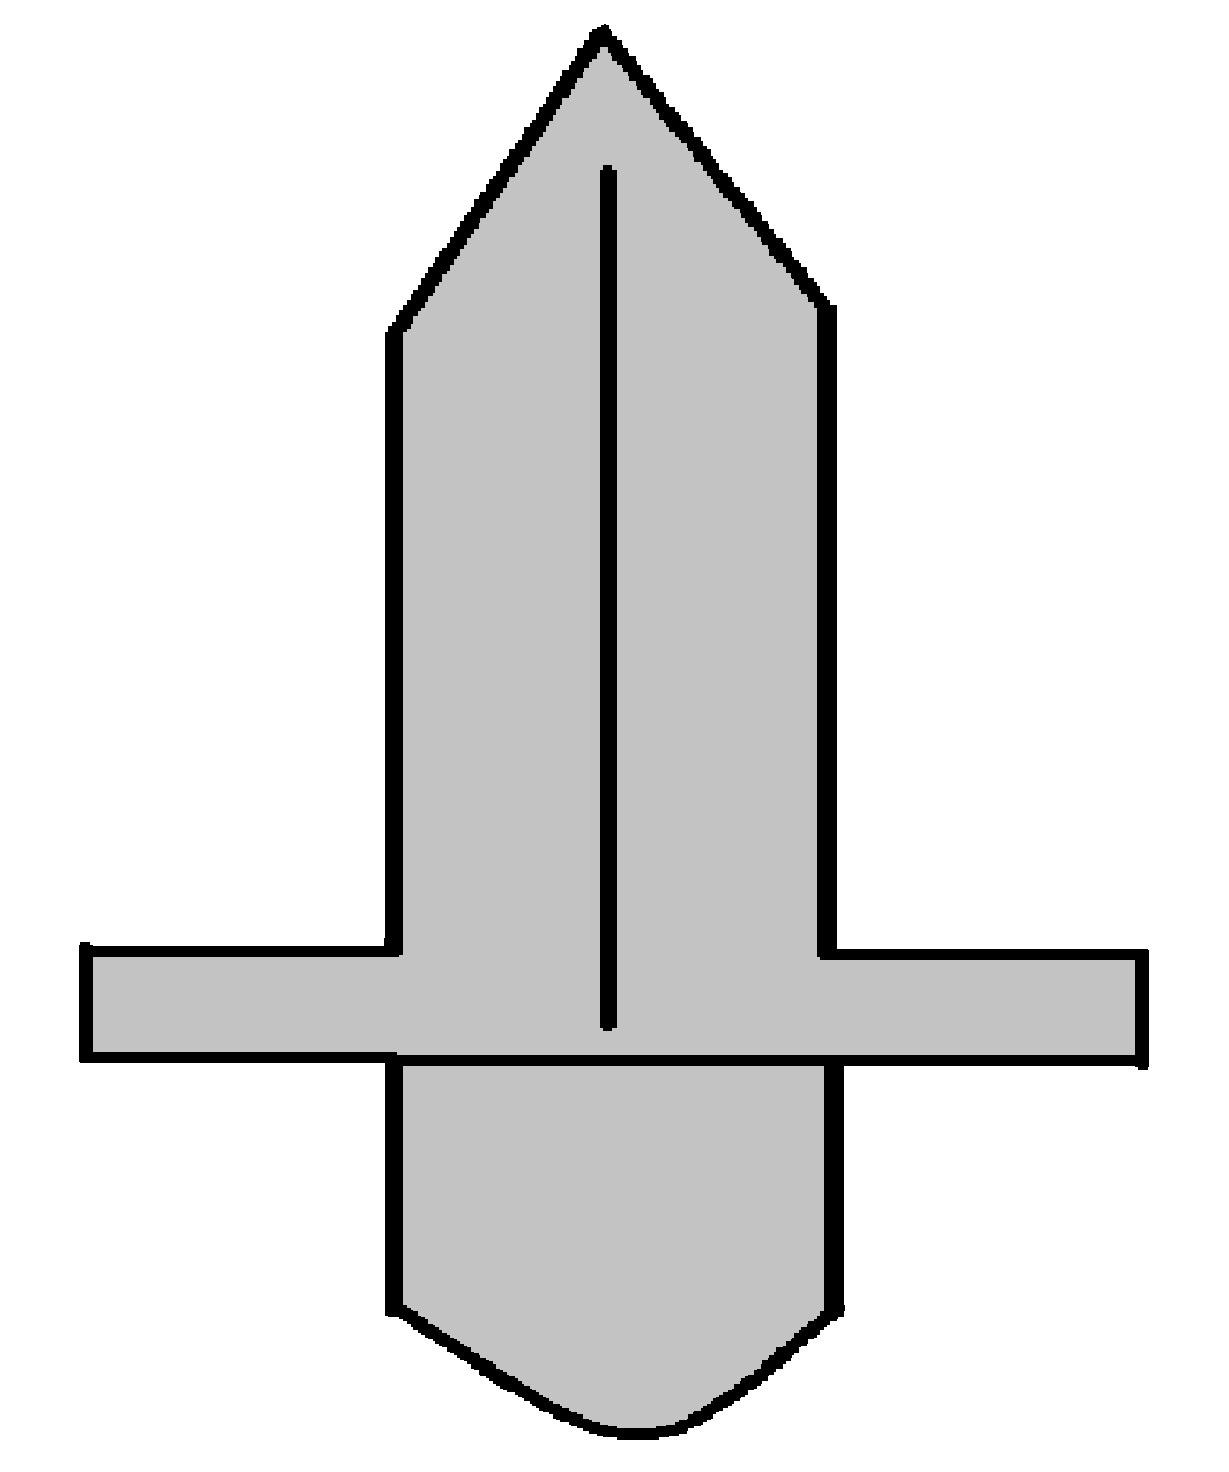 Tutorial Hacer Espadas De CartónJuguetes Y Ideas Para N8OZX0kPnw